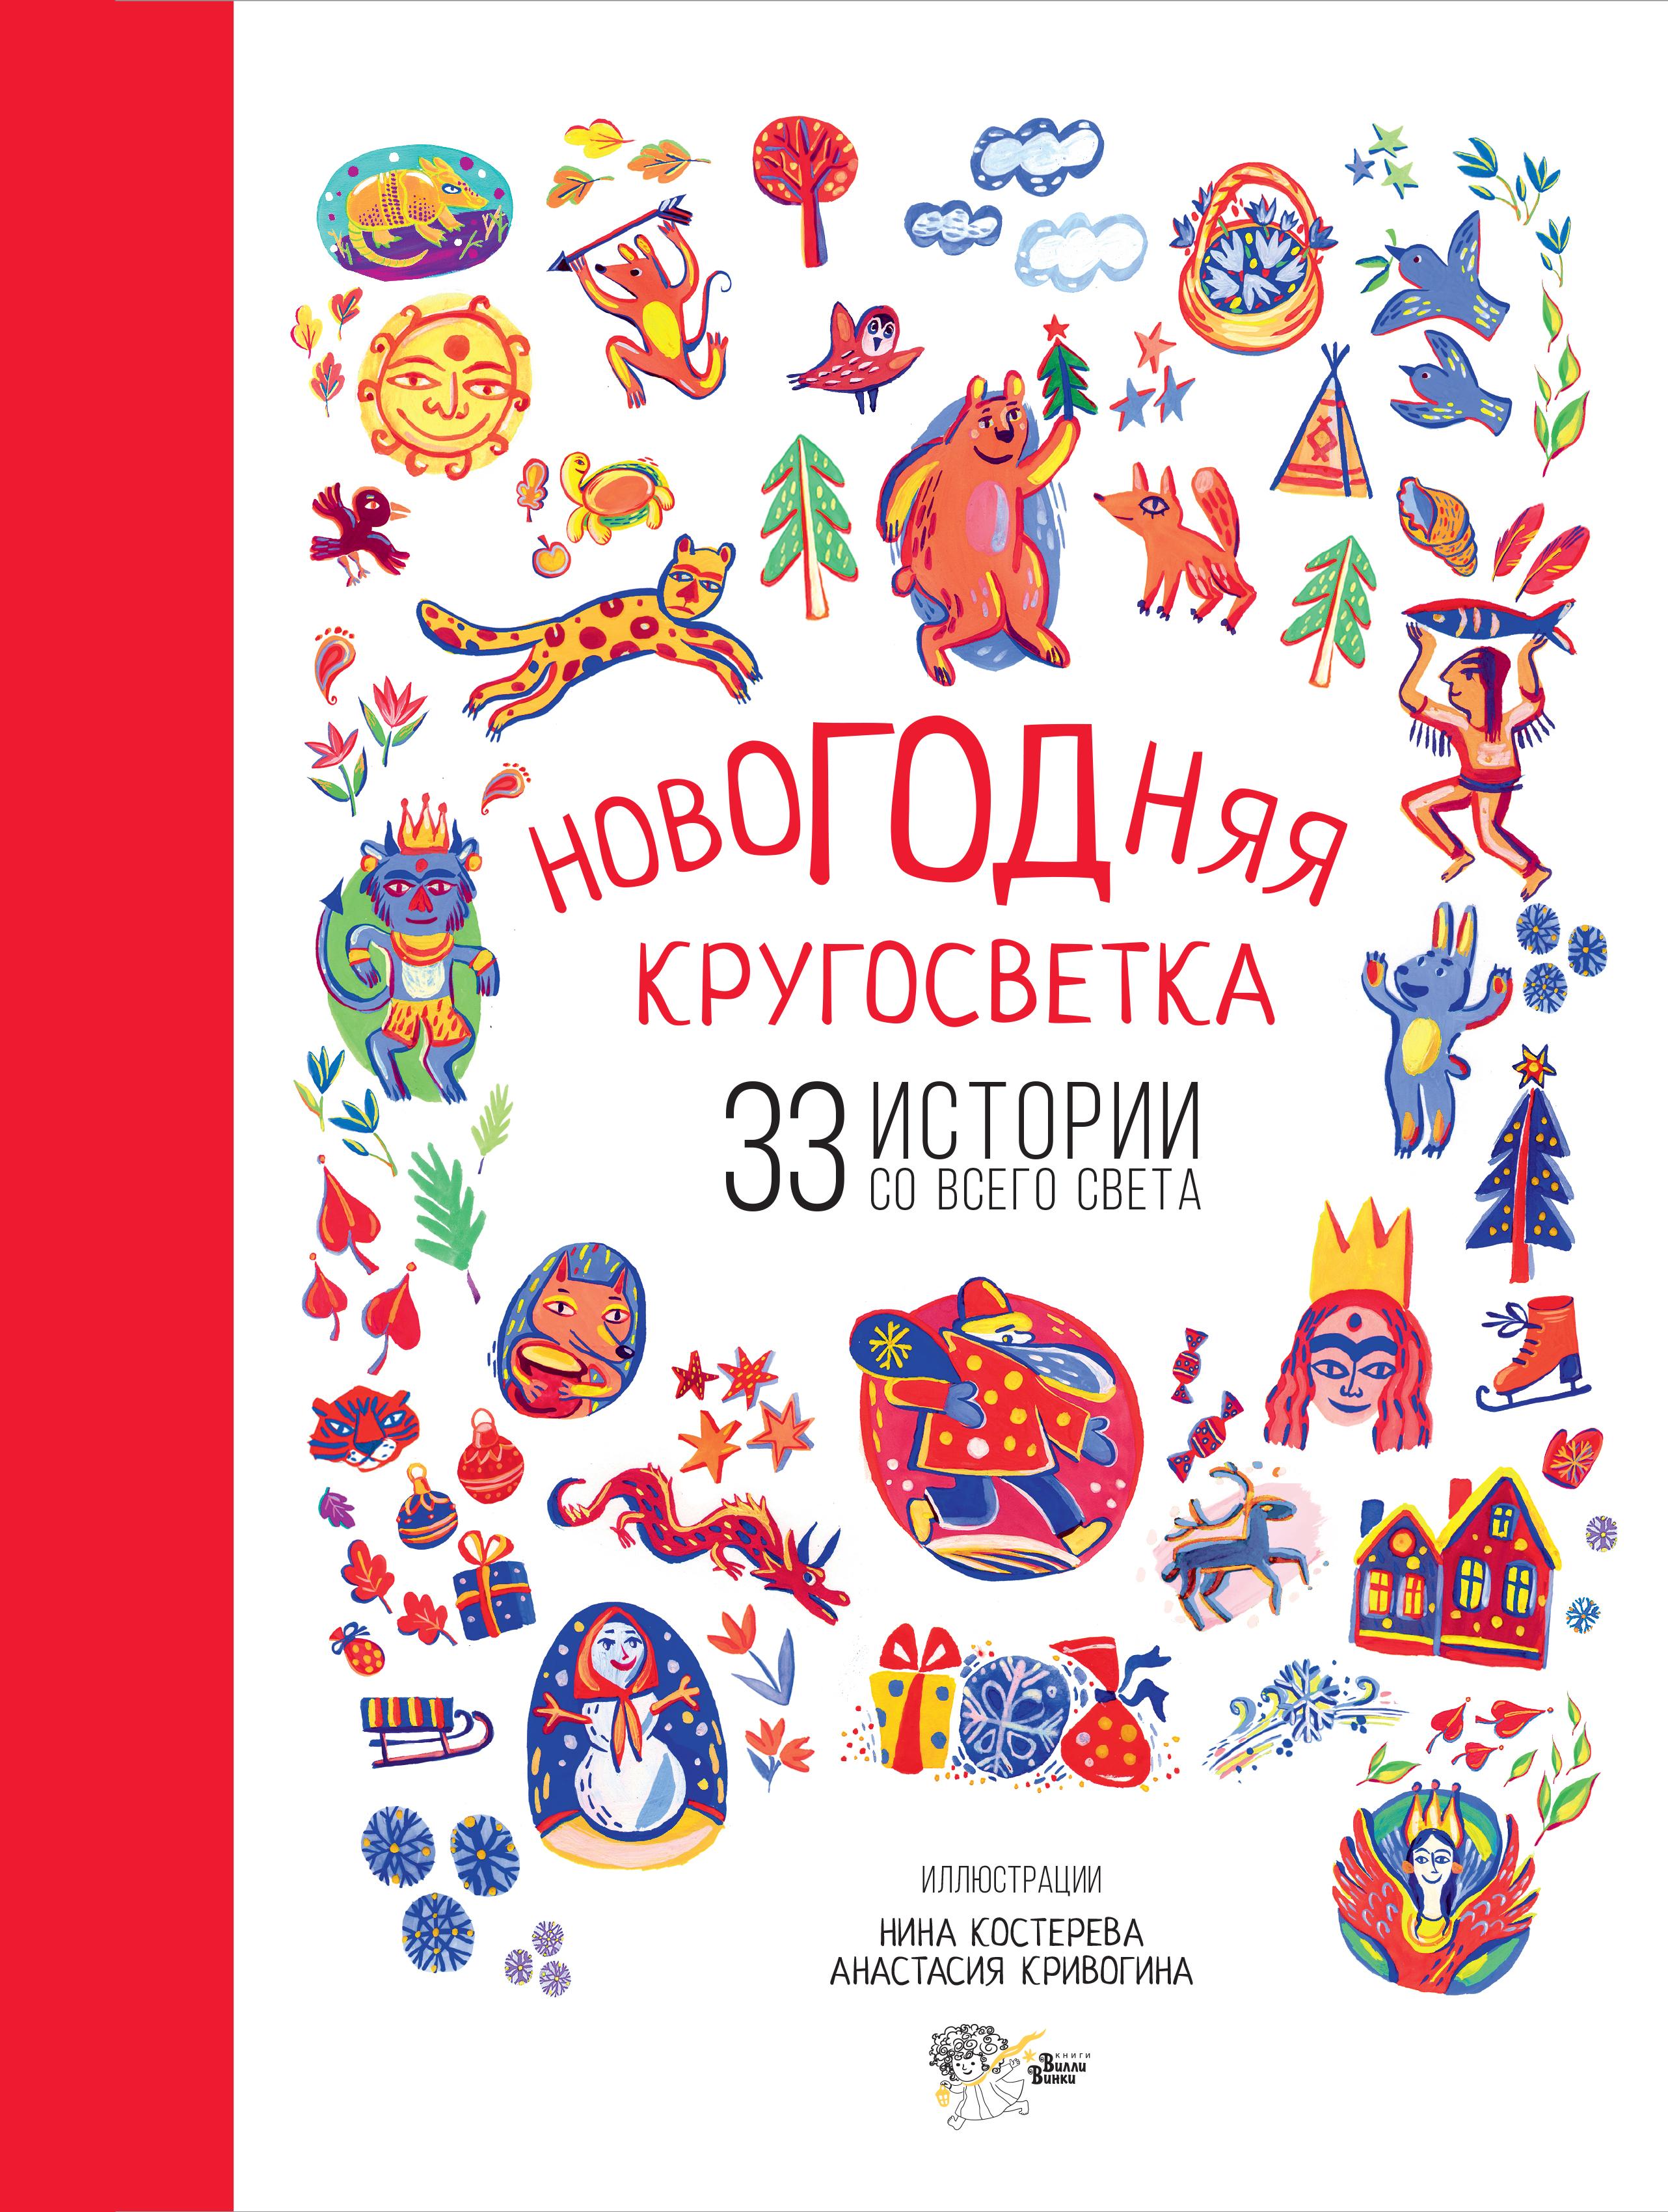 Новогодняя кругосветка: 33 истории со всего света ( Садокова А.Р., Шер А.С., Рифтин Б.Л.  )